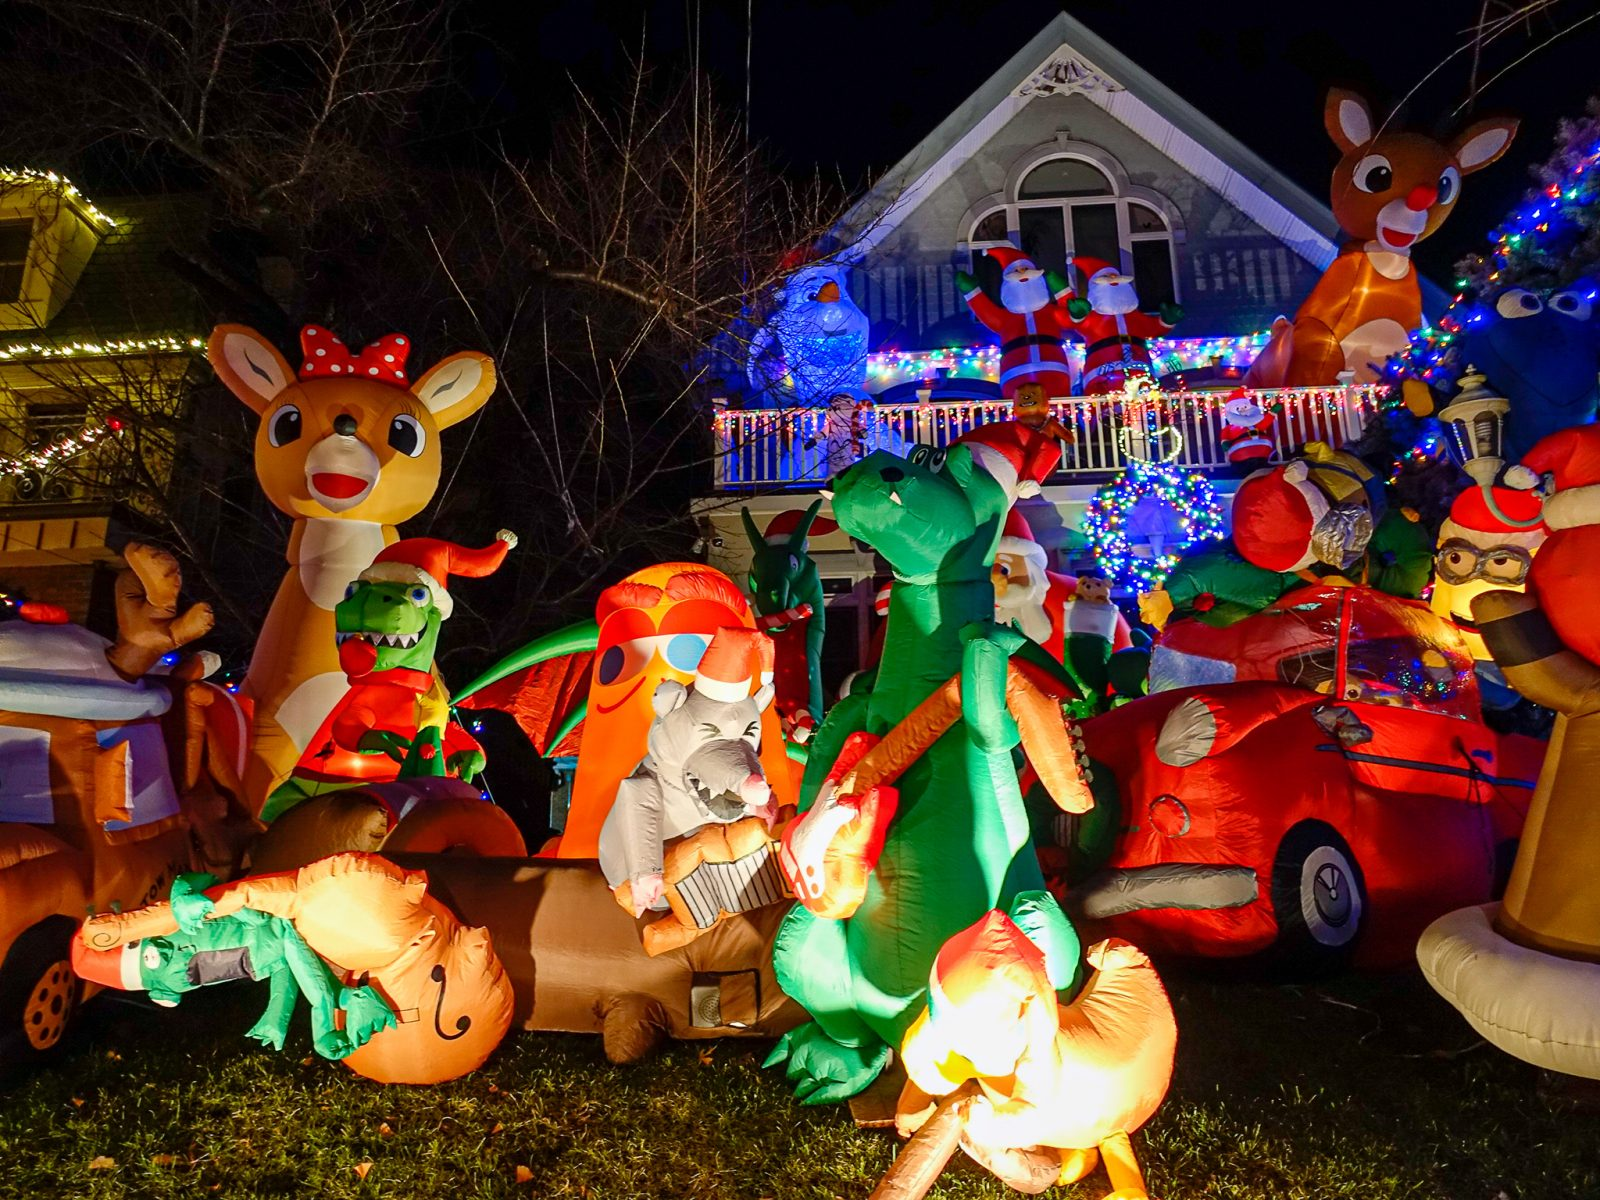 julefigurer oppblåsbare figurer